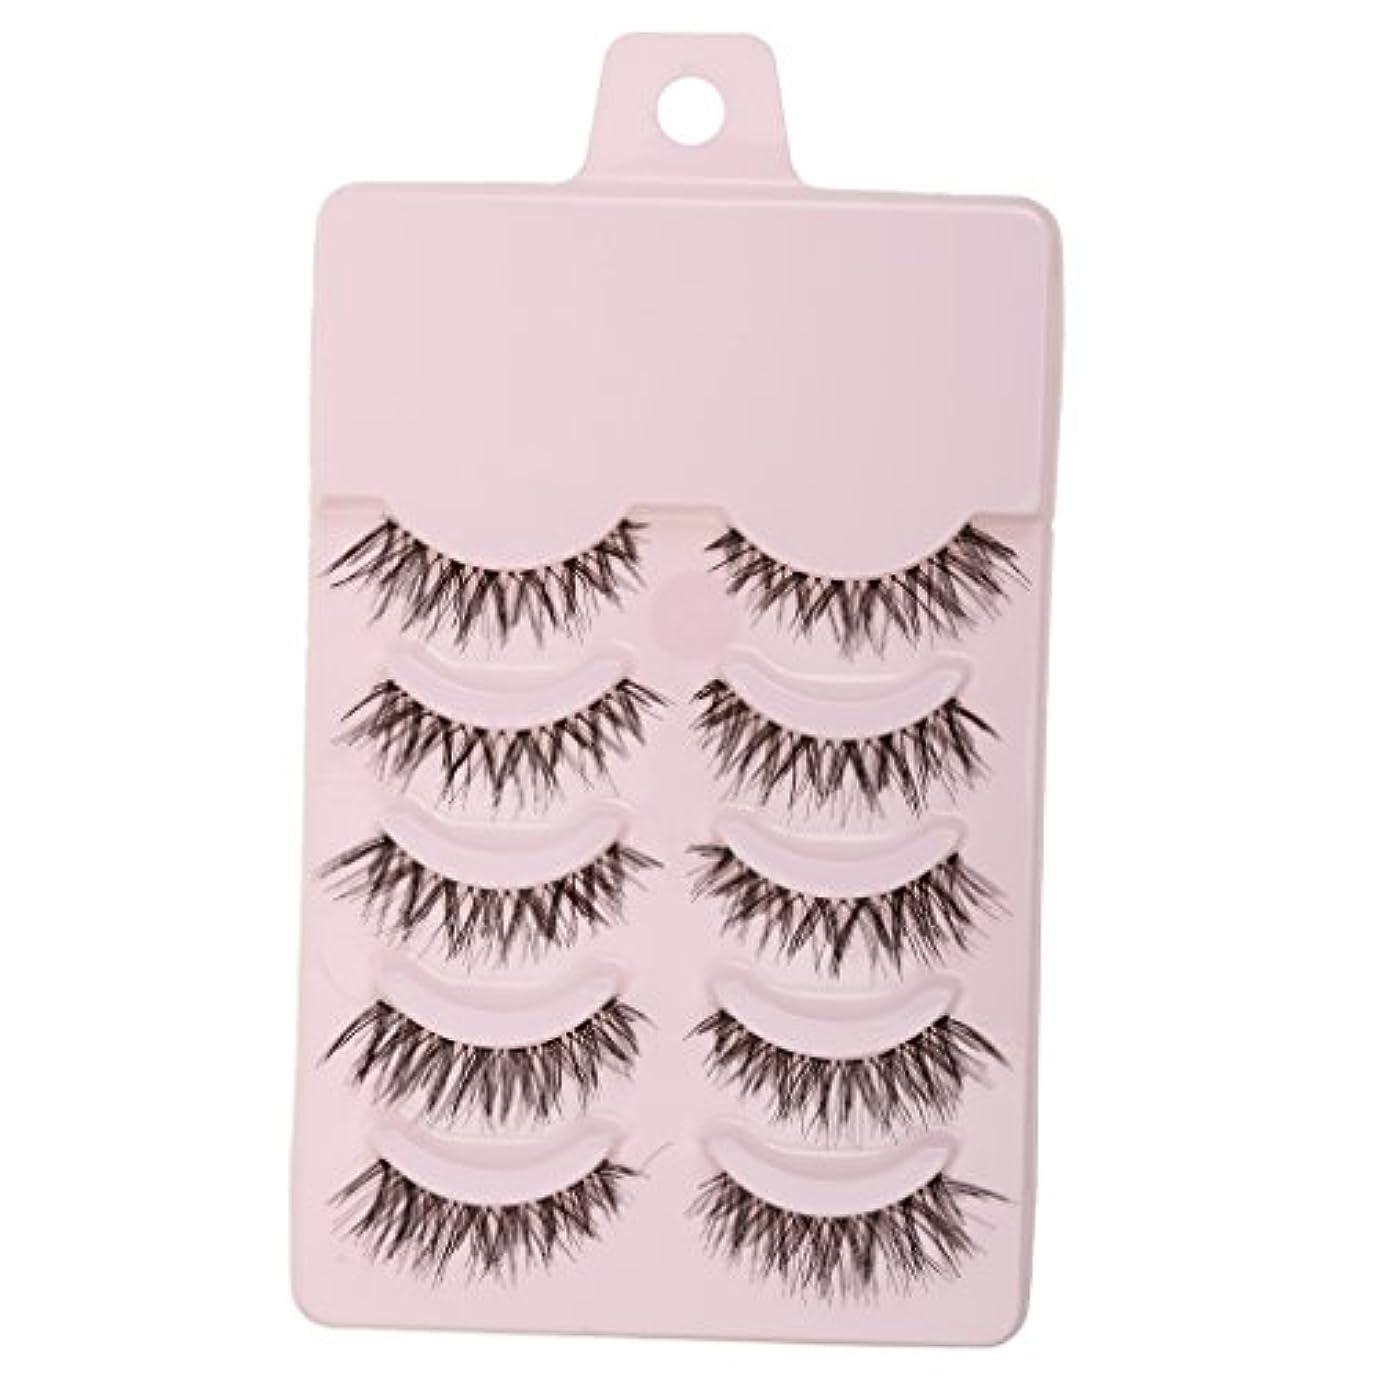 想起批判的効果的にKOZEEY美容 メイク 手作り メッシー クロス スタイル つけまつげ 5色選ぶ - ピンク